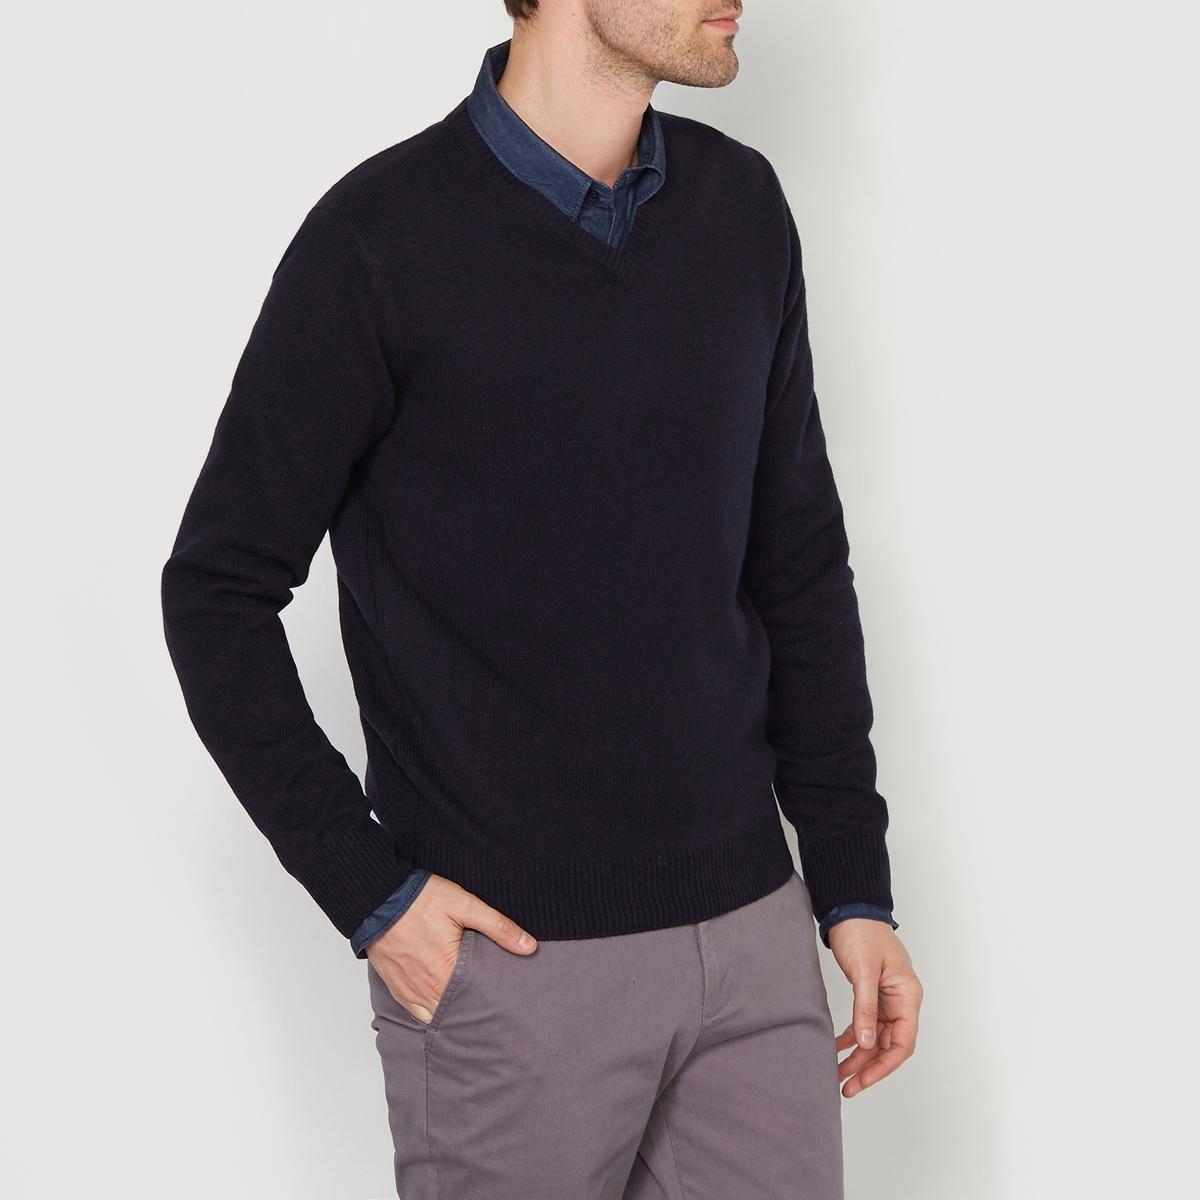 Пуловер с V-образным вырезом,  100% овечьей шерсти в минске жилет из овечьей шерсти